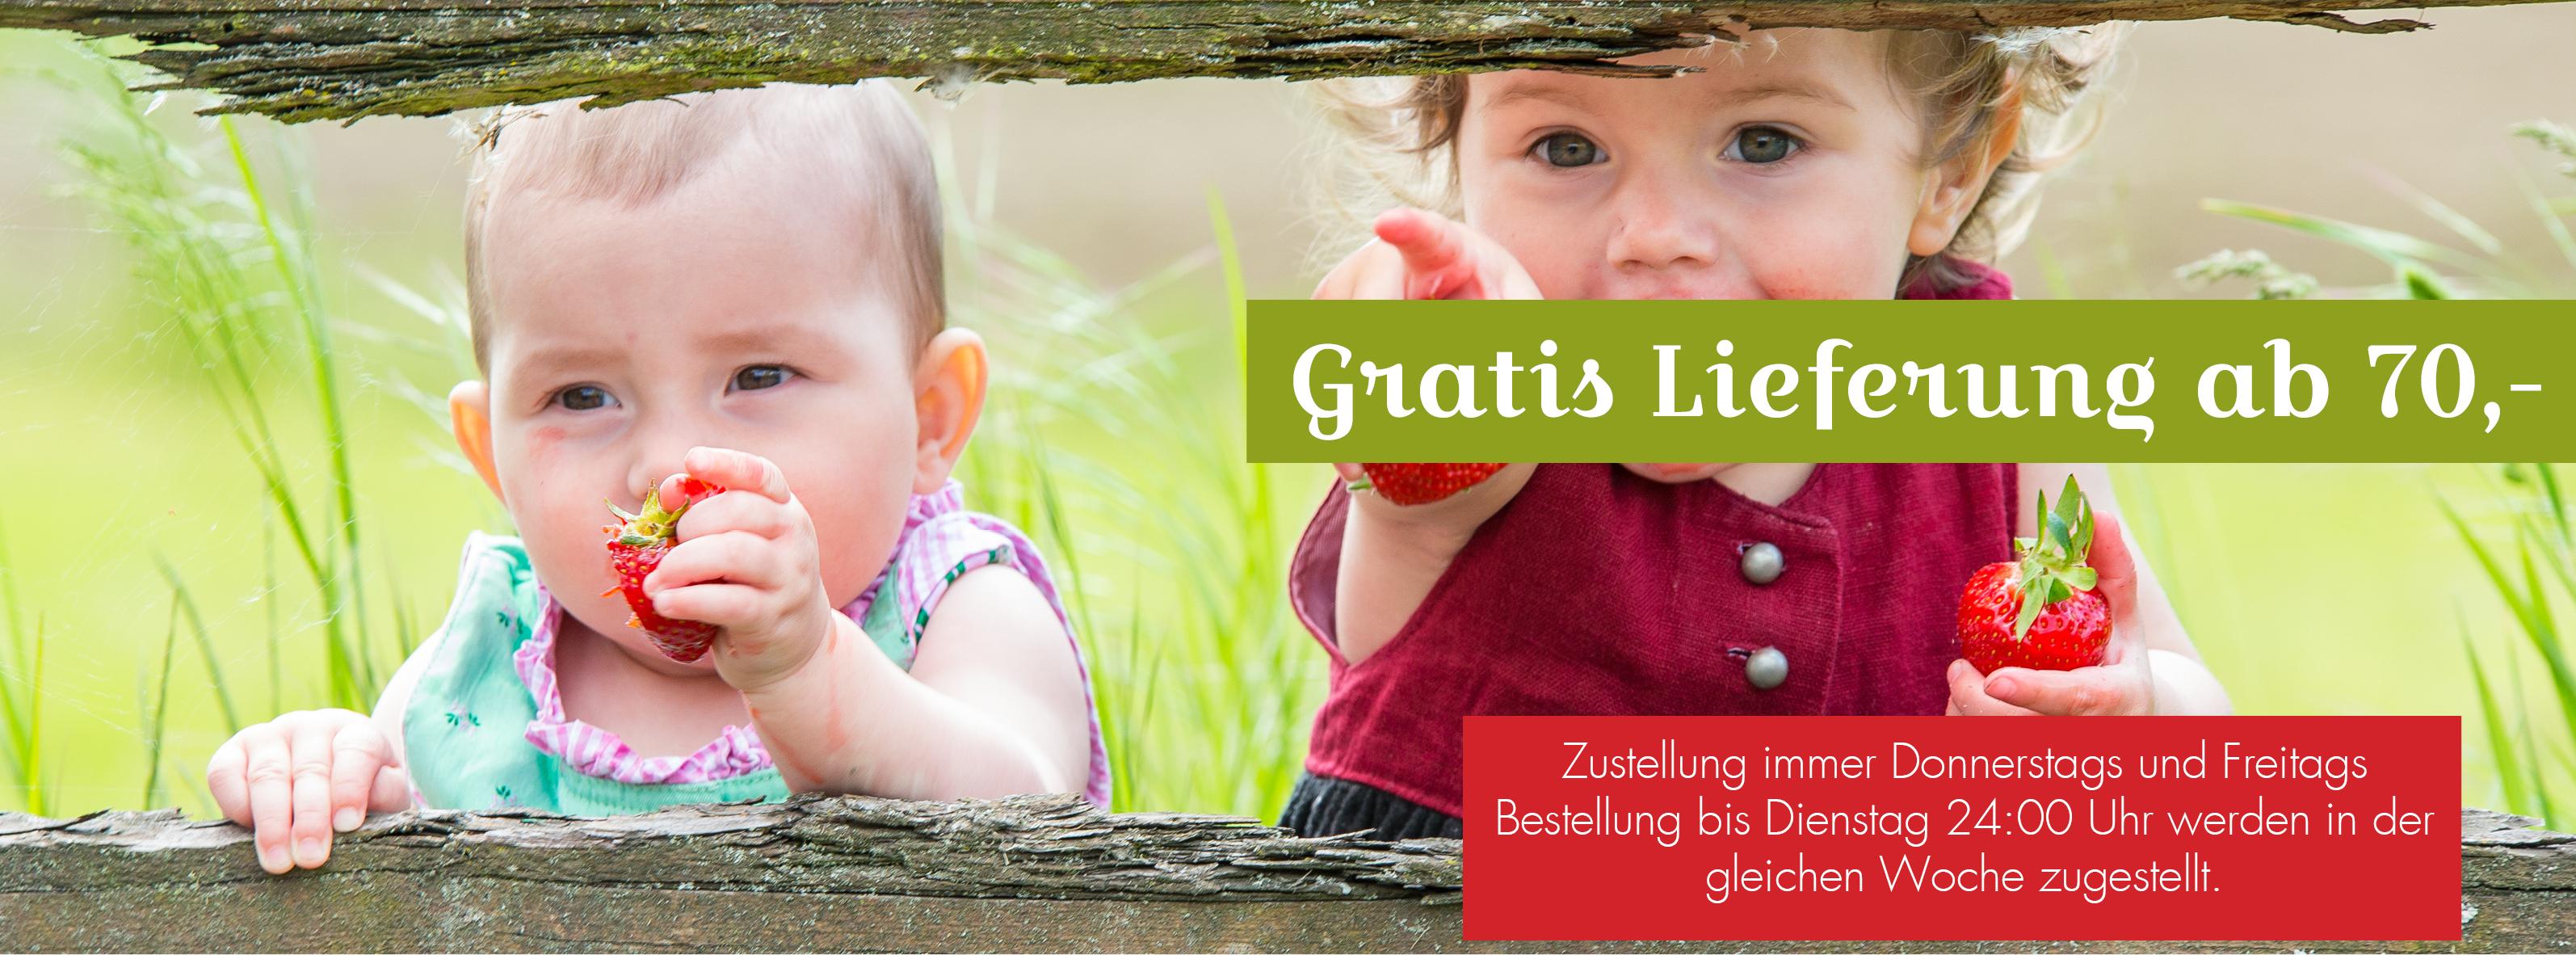 Banner gratis Lieferung